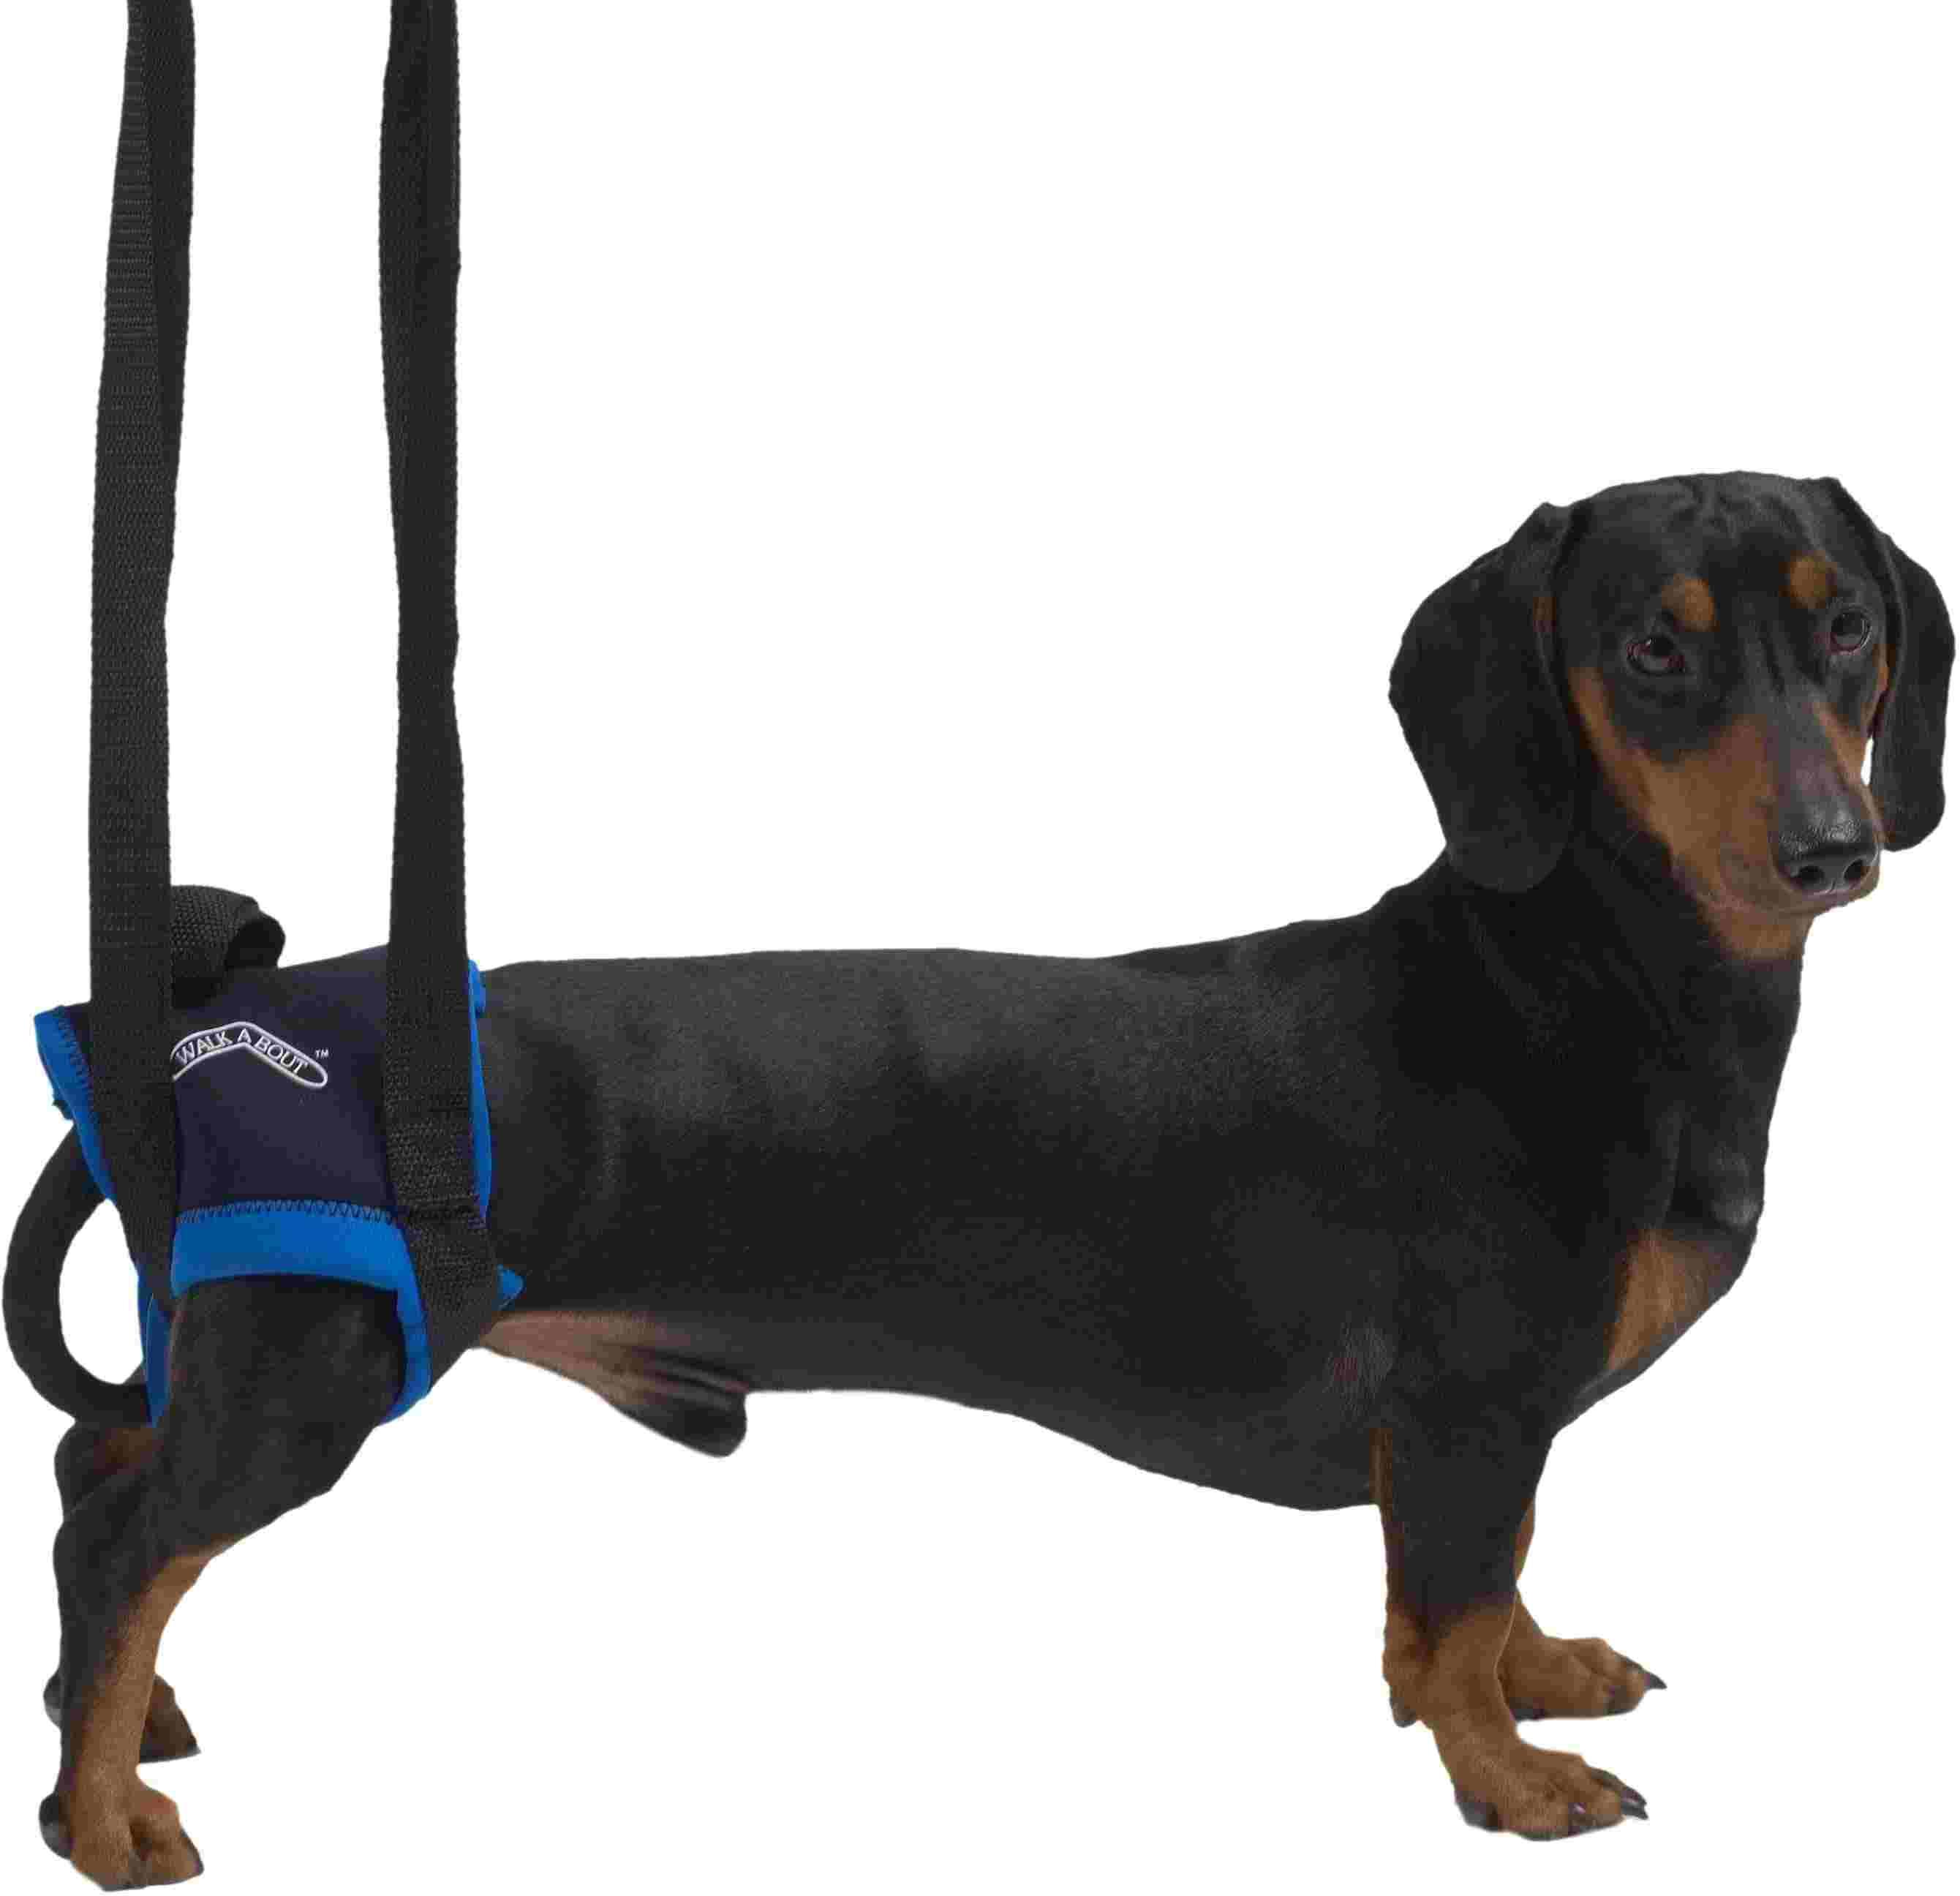 Kruuse вожжи Walkabout harness на задние конечности M